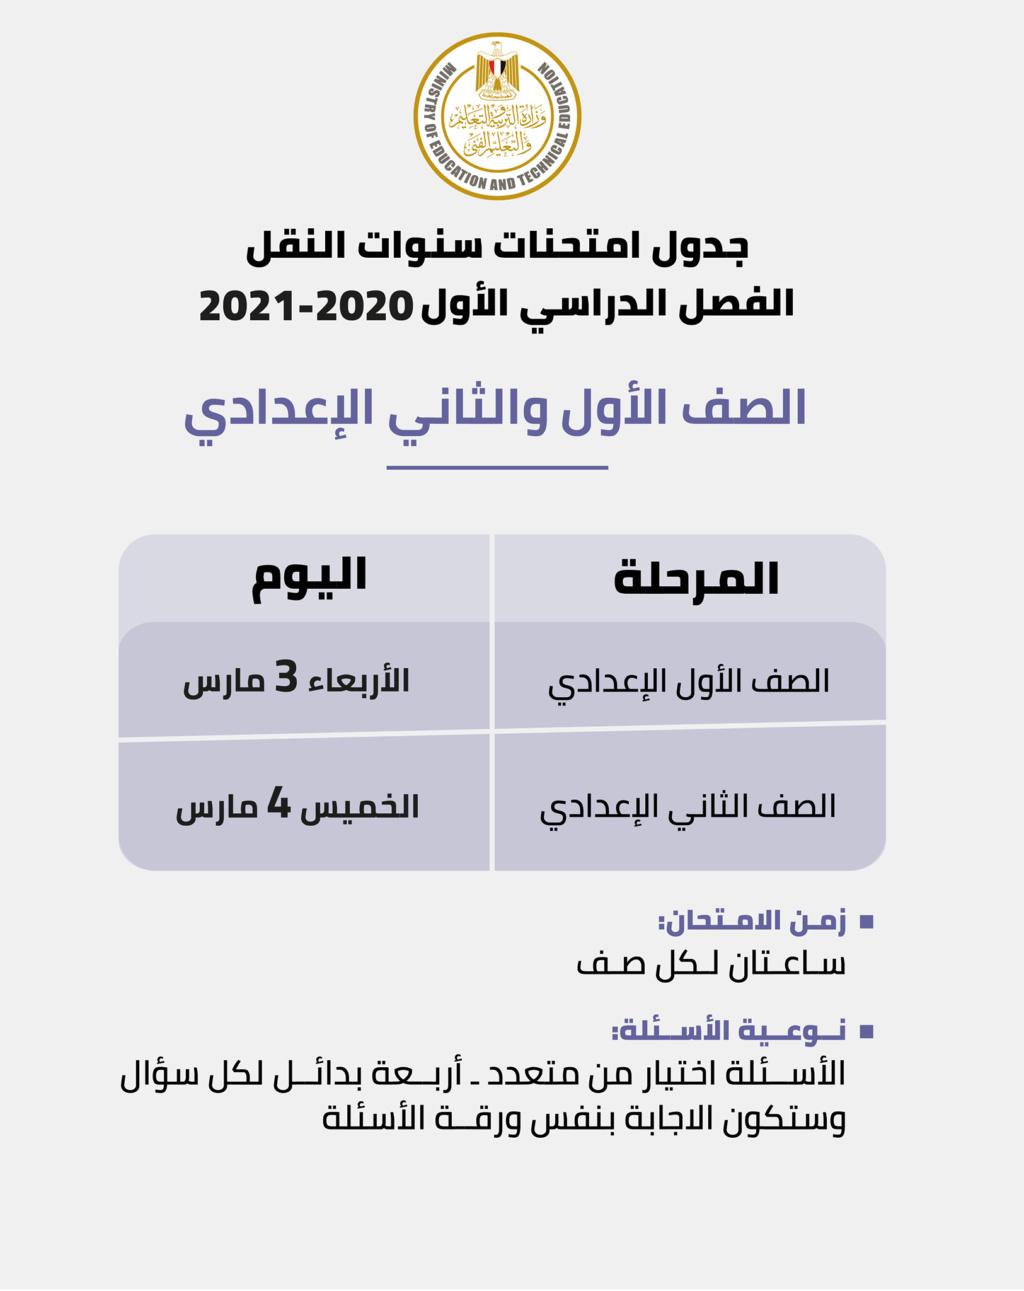 ملخص قرارات الوزير والمؤتمر 18 فبراير 2021 15149910